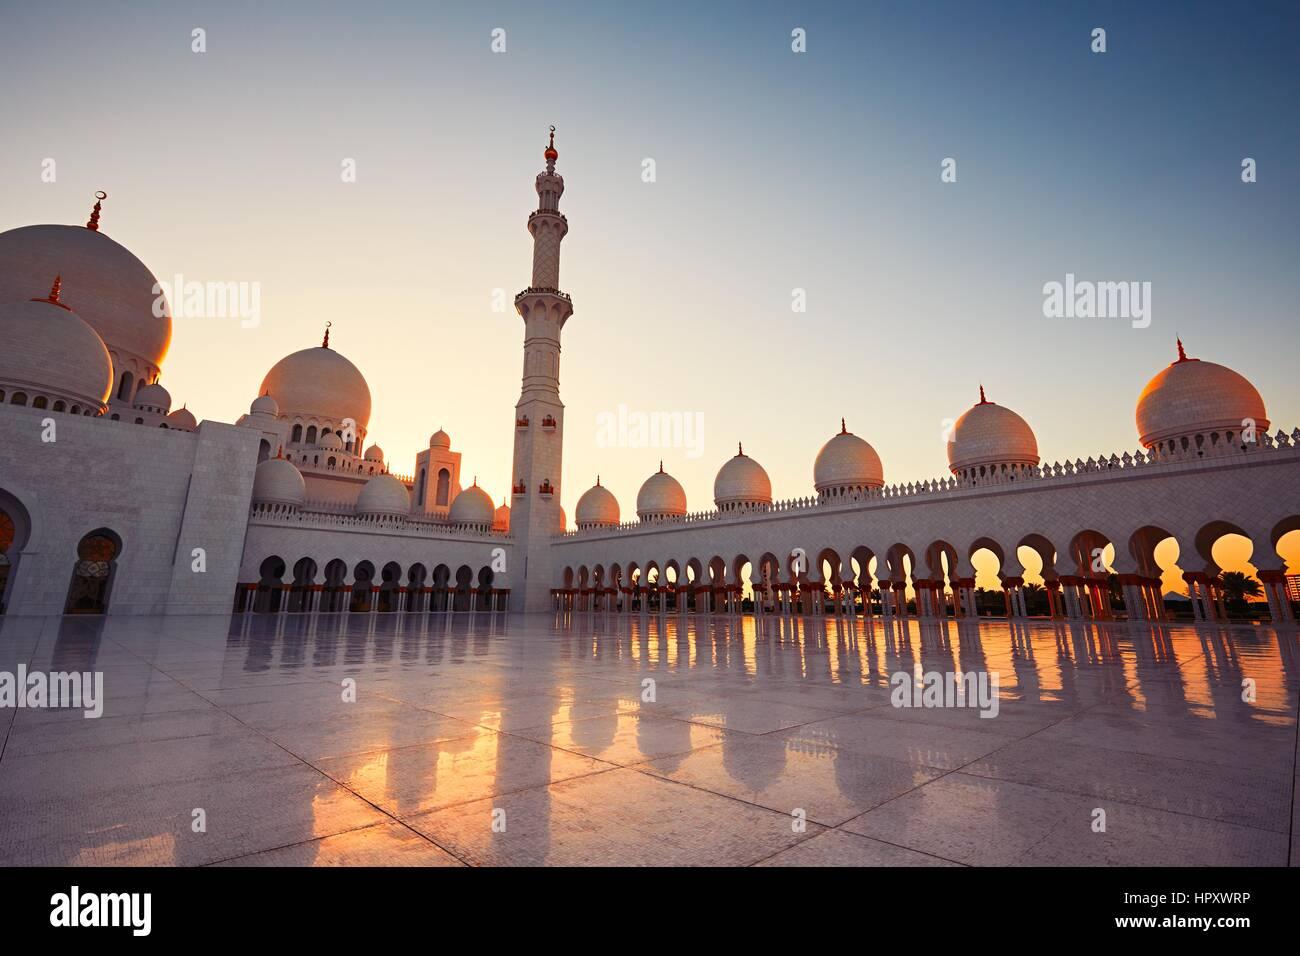 ABU DHABI, EMIRATS ARABES UNIS - Avril 19: cour et minaret de la Grande Mosquée de Sheikh Zayed, le 19 Photo Stock